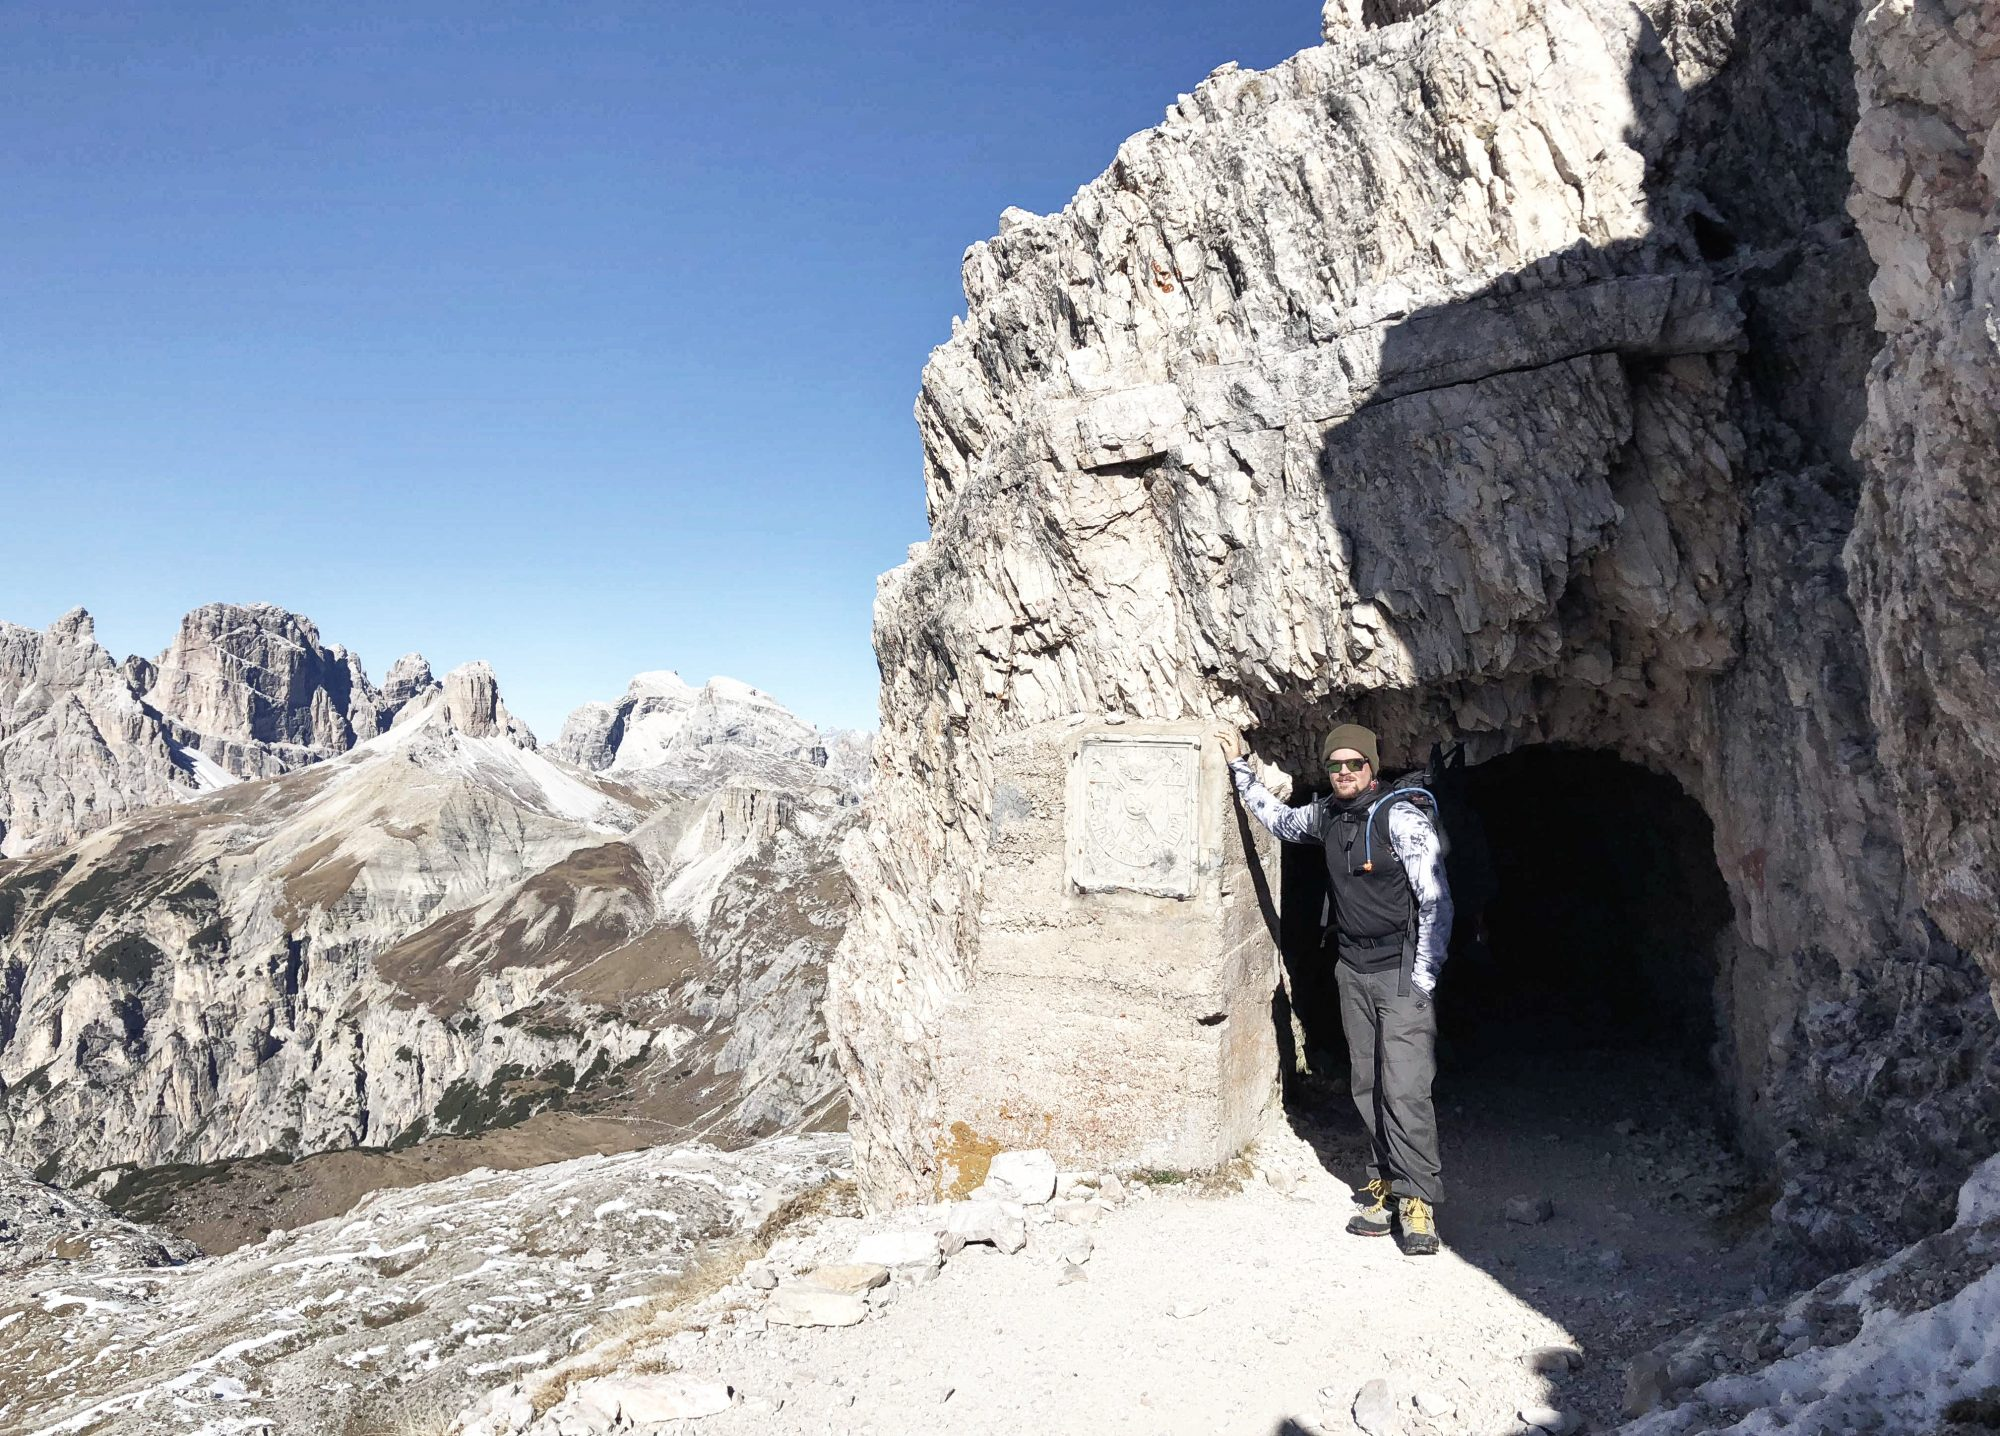 Klettersteig Drei Zinnen : Wanderung & klettersteig paternkofel mit drei zinnen blick südtirol